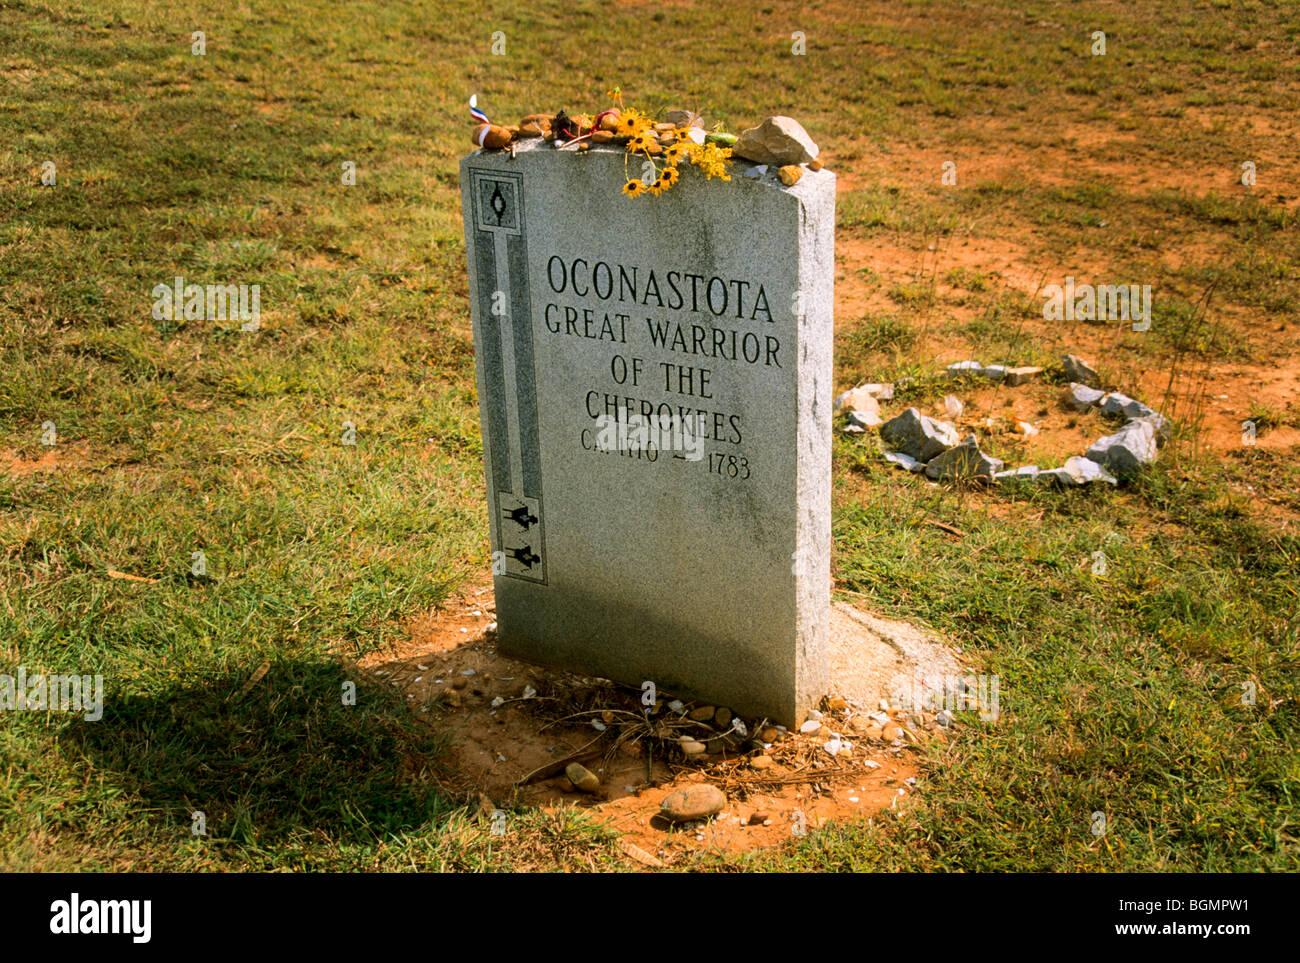 Oconastota, great warrior of the Cherokees 1720-1783 memorial in Tennessee Stock Photo